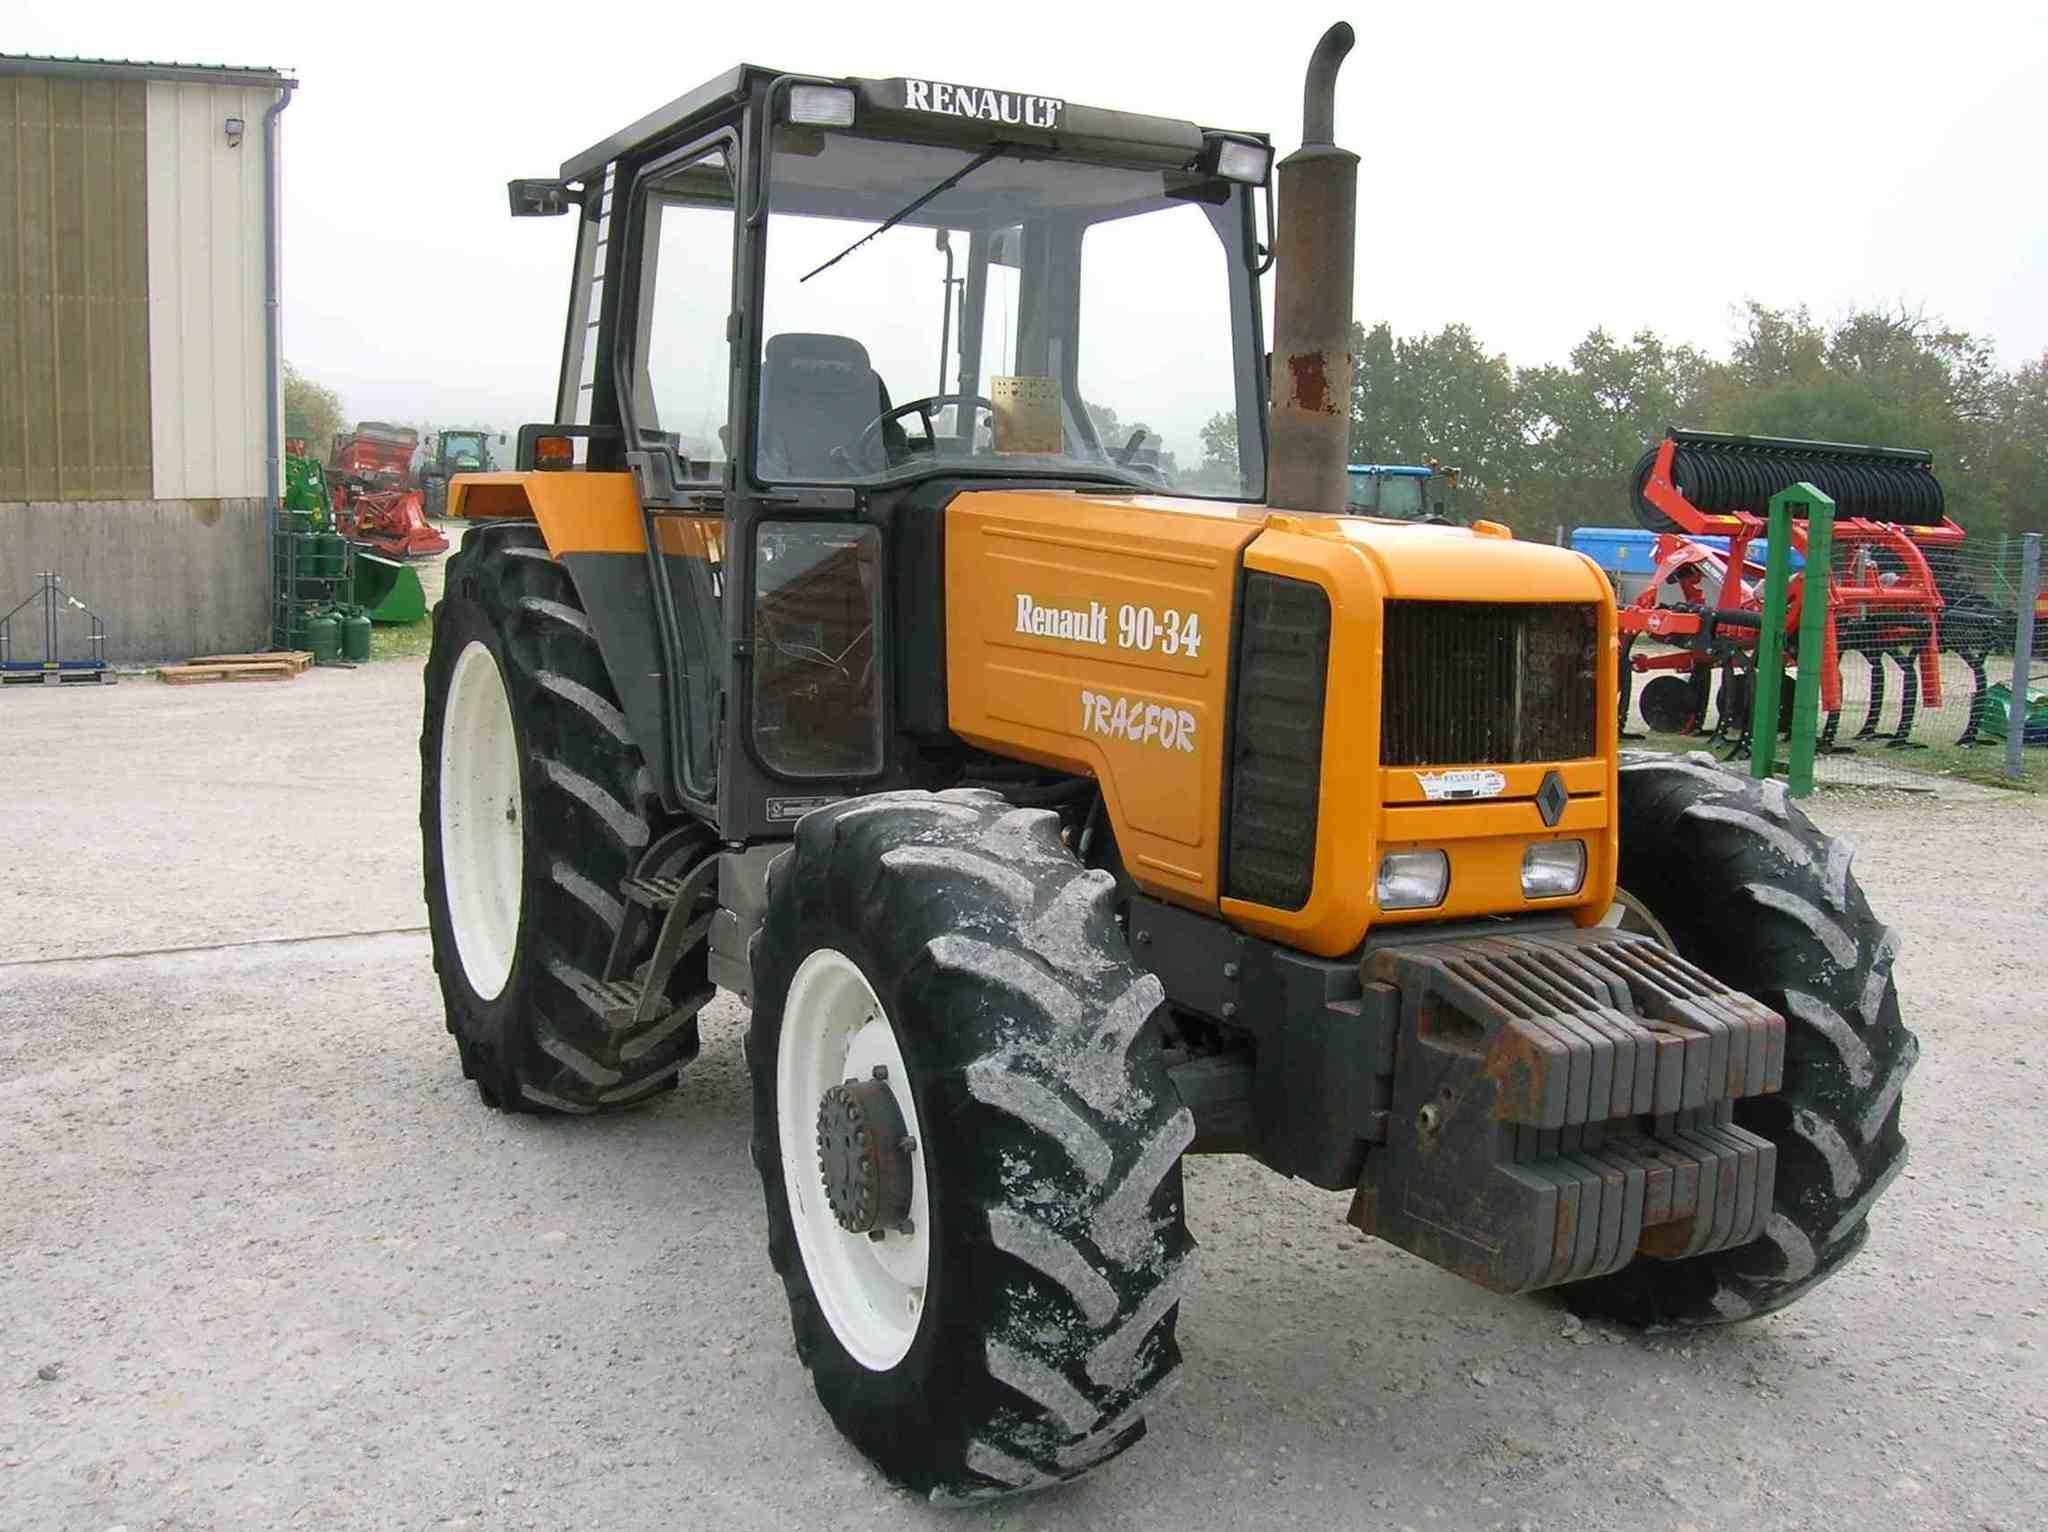 tracteur agricole renault 90 34 vendre sur guenon. Black Bedroom Furniture Sets. Home Design Ideas